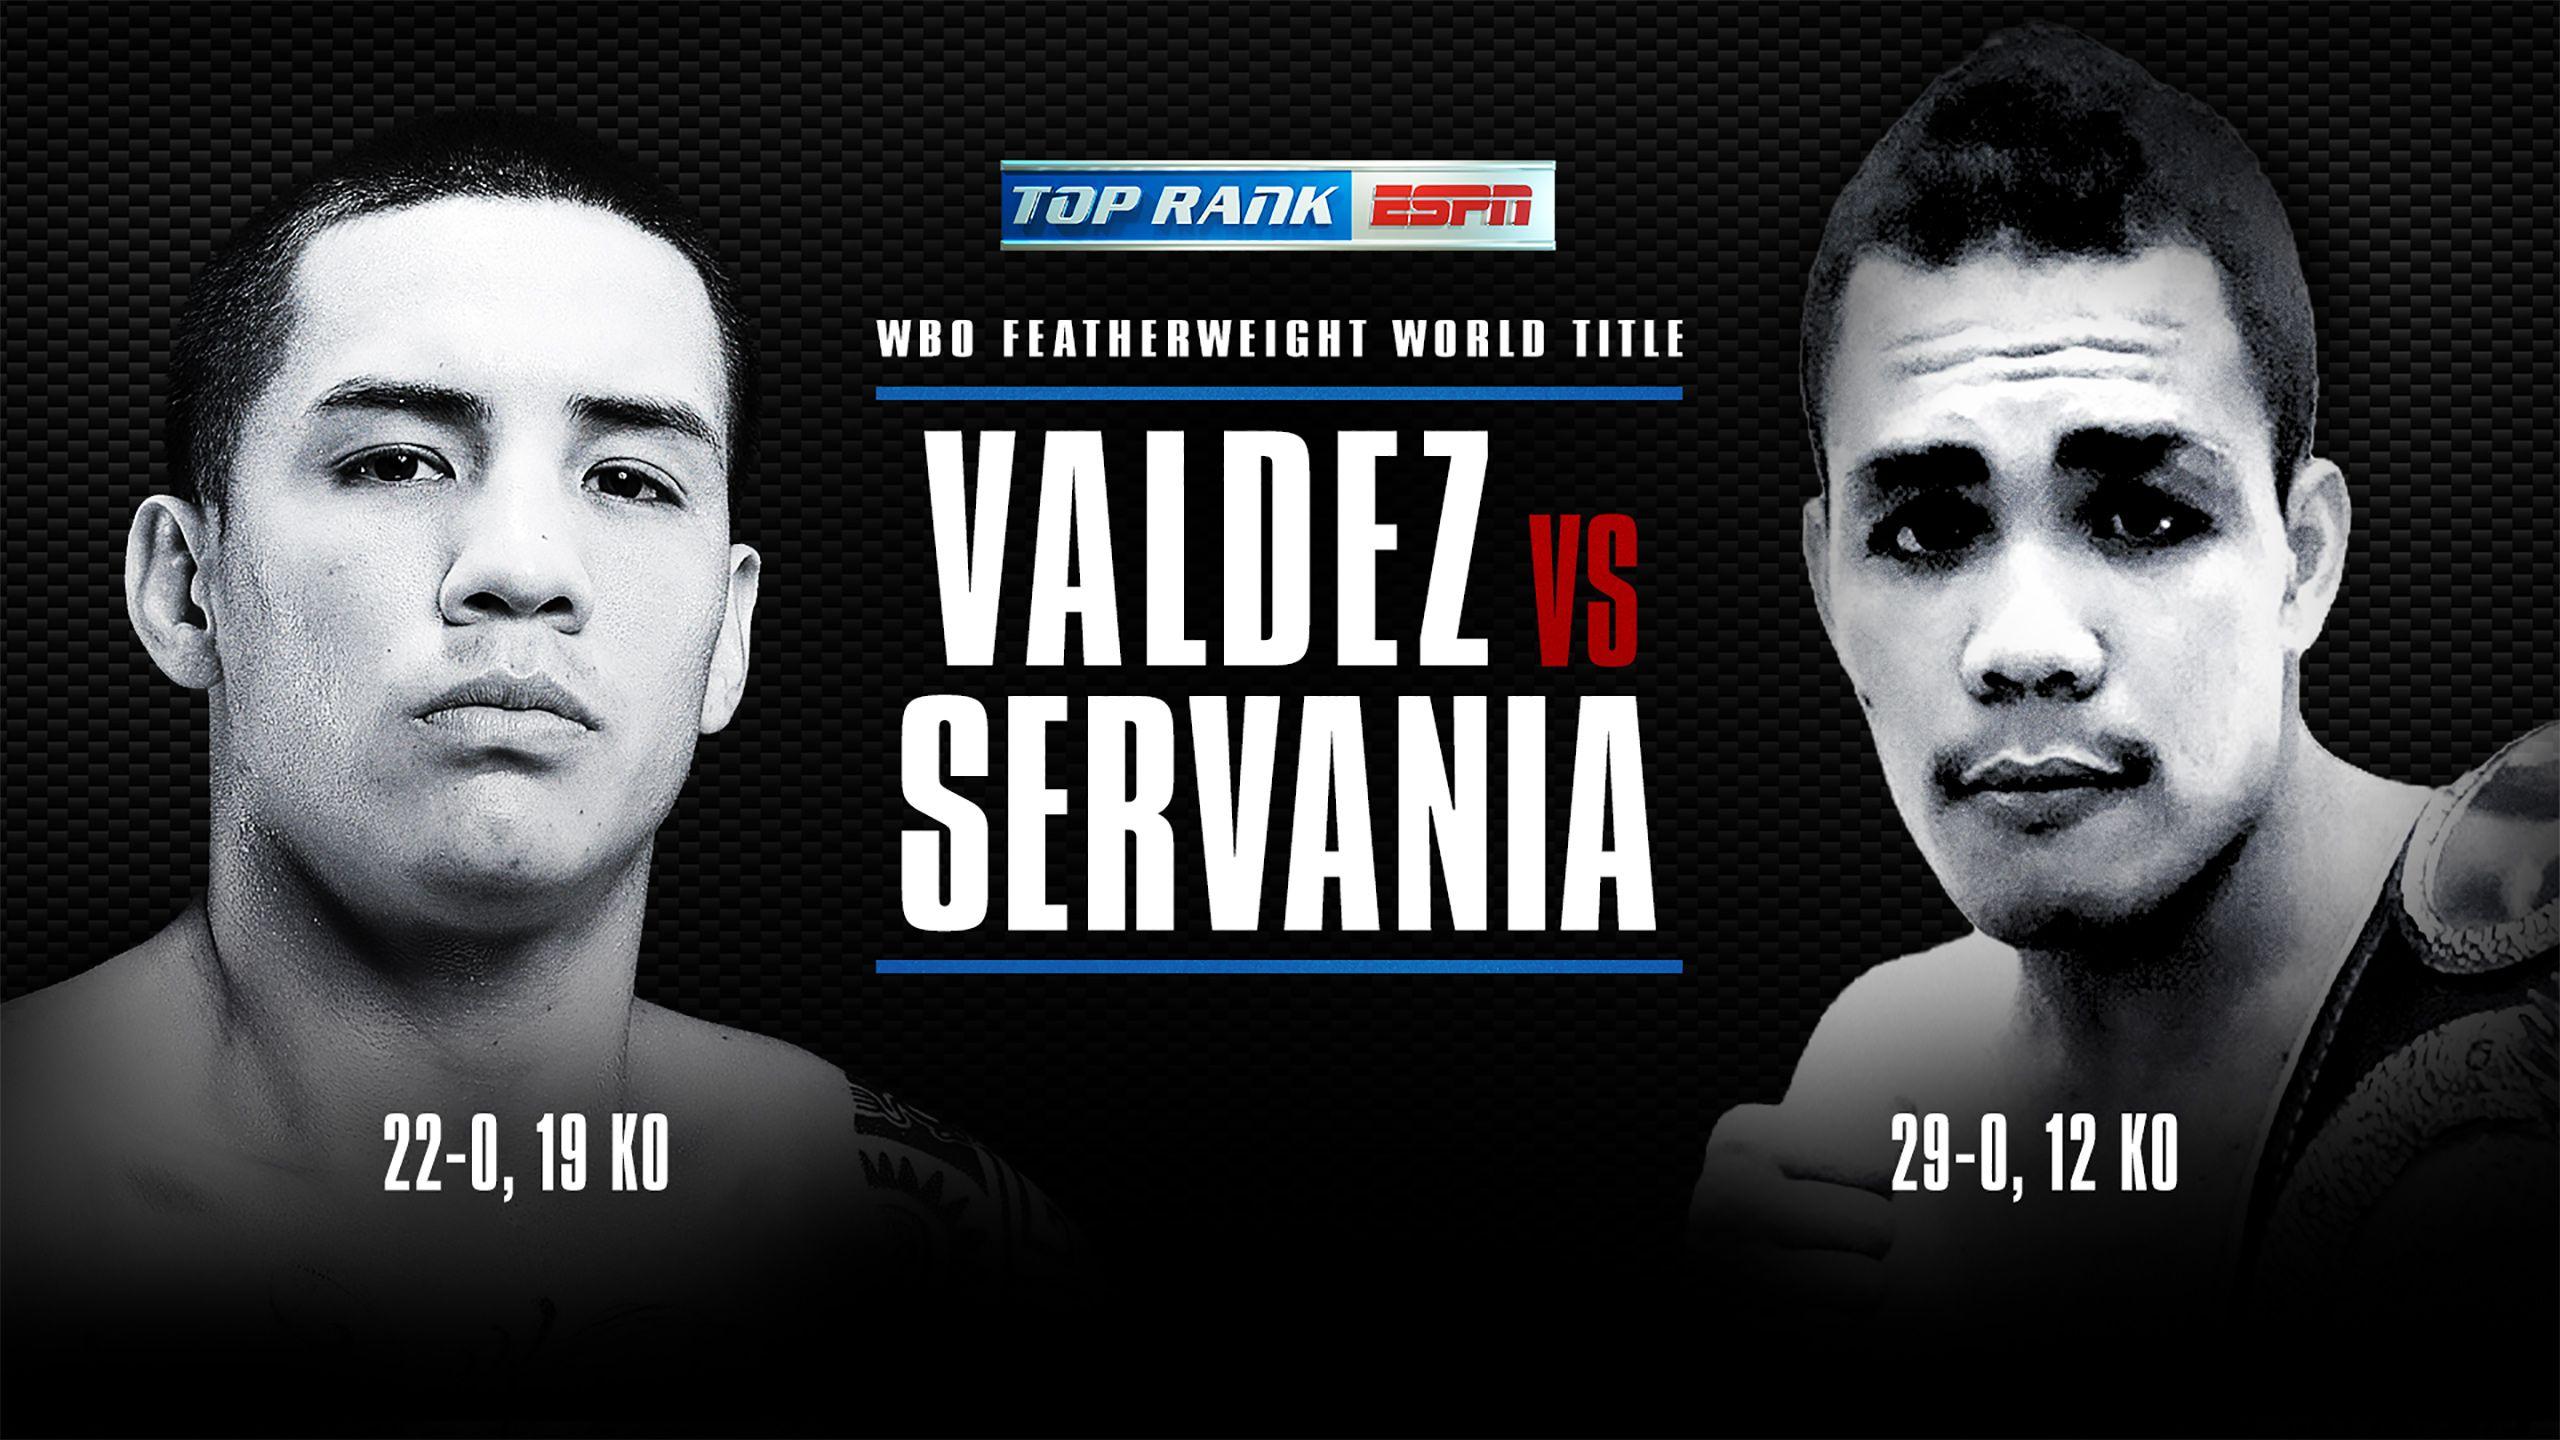 Oscar Valdez vs. Genesis Servania